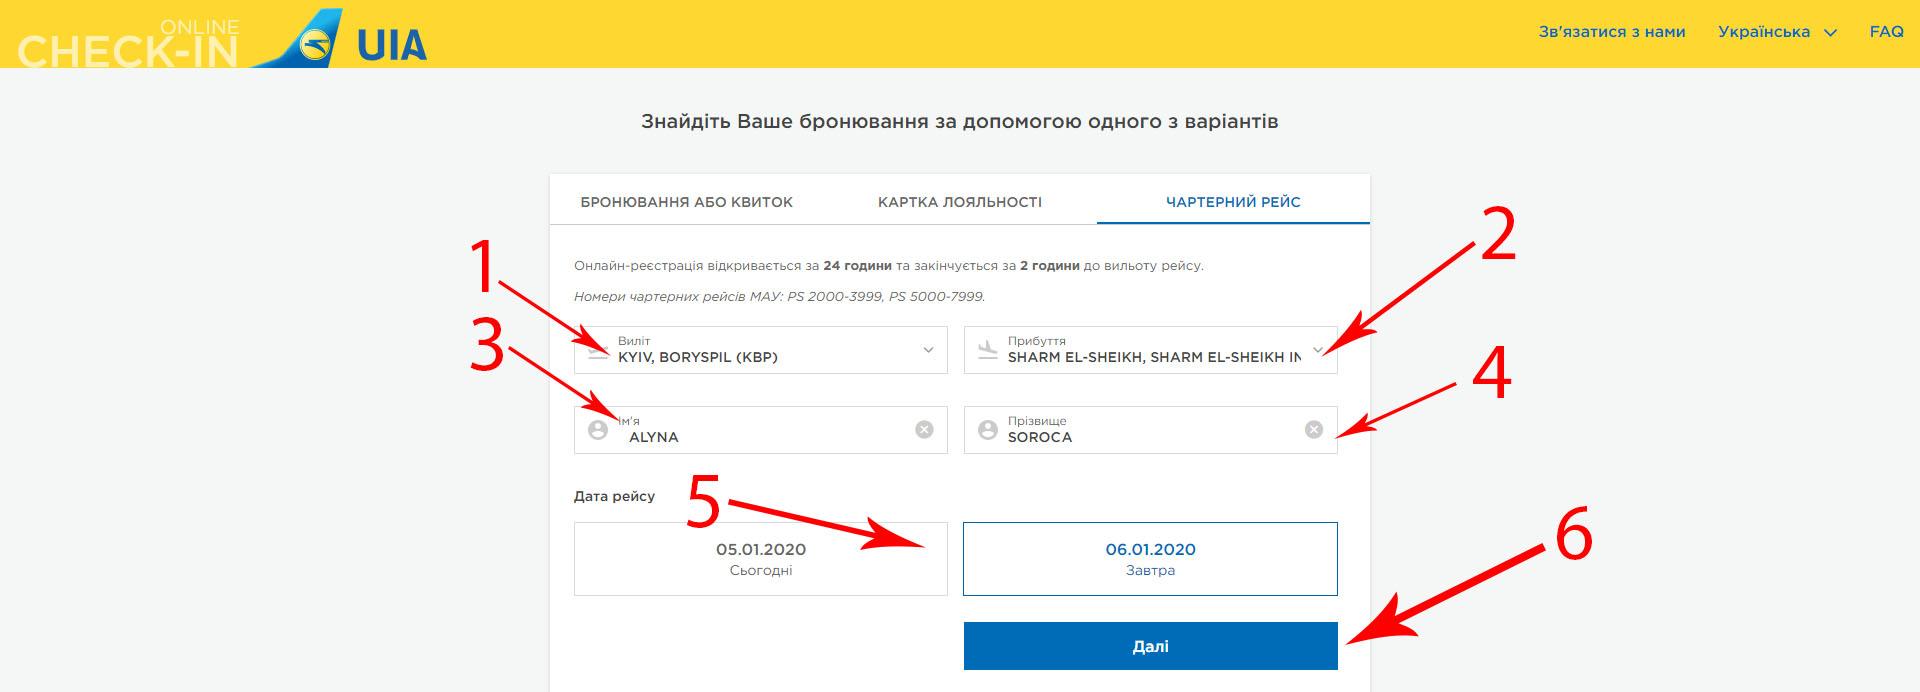 Регистрация на чартерный рейс МАУ с примером